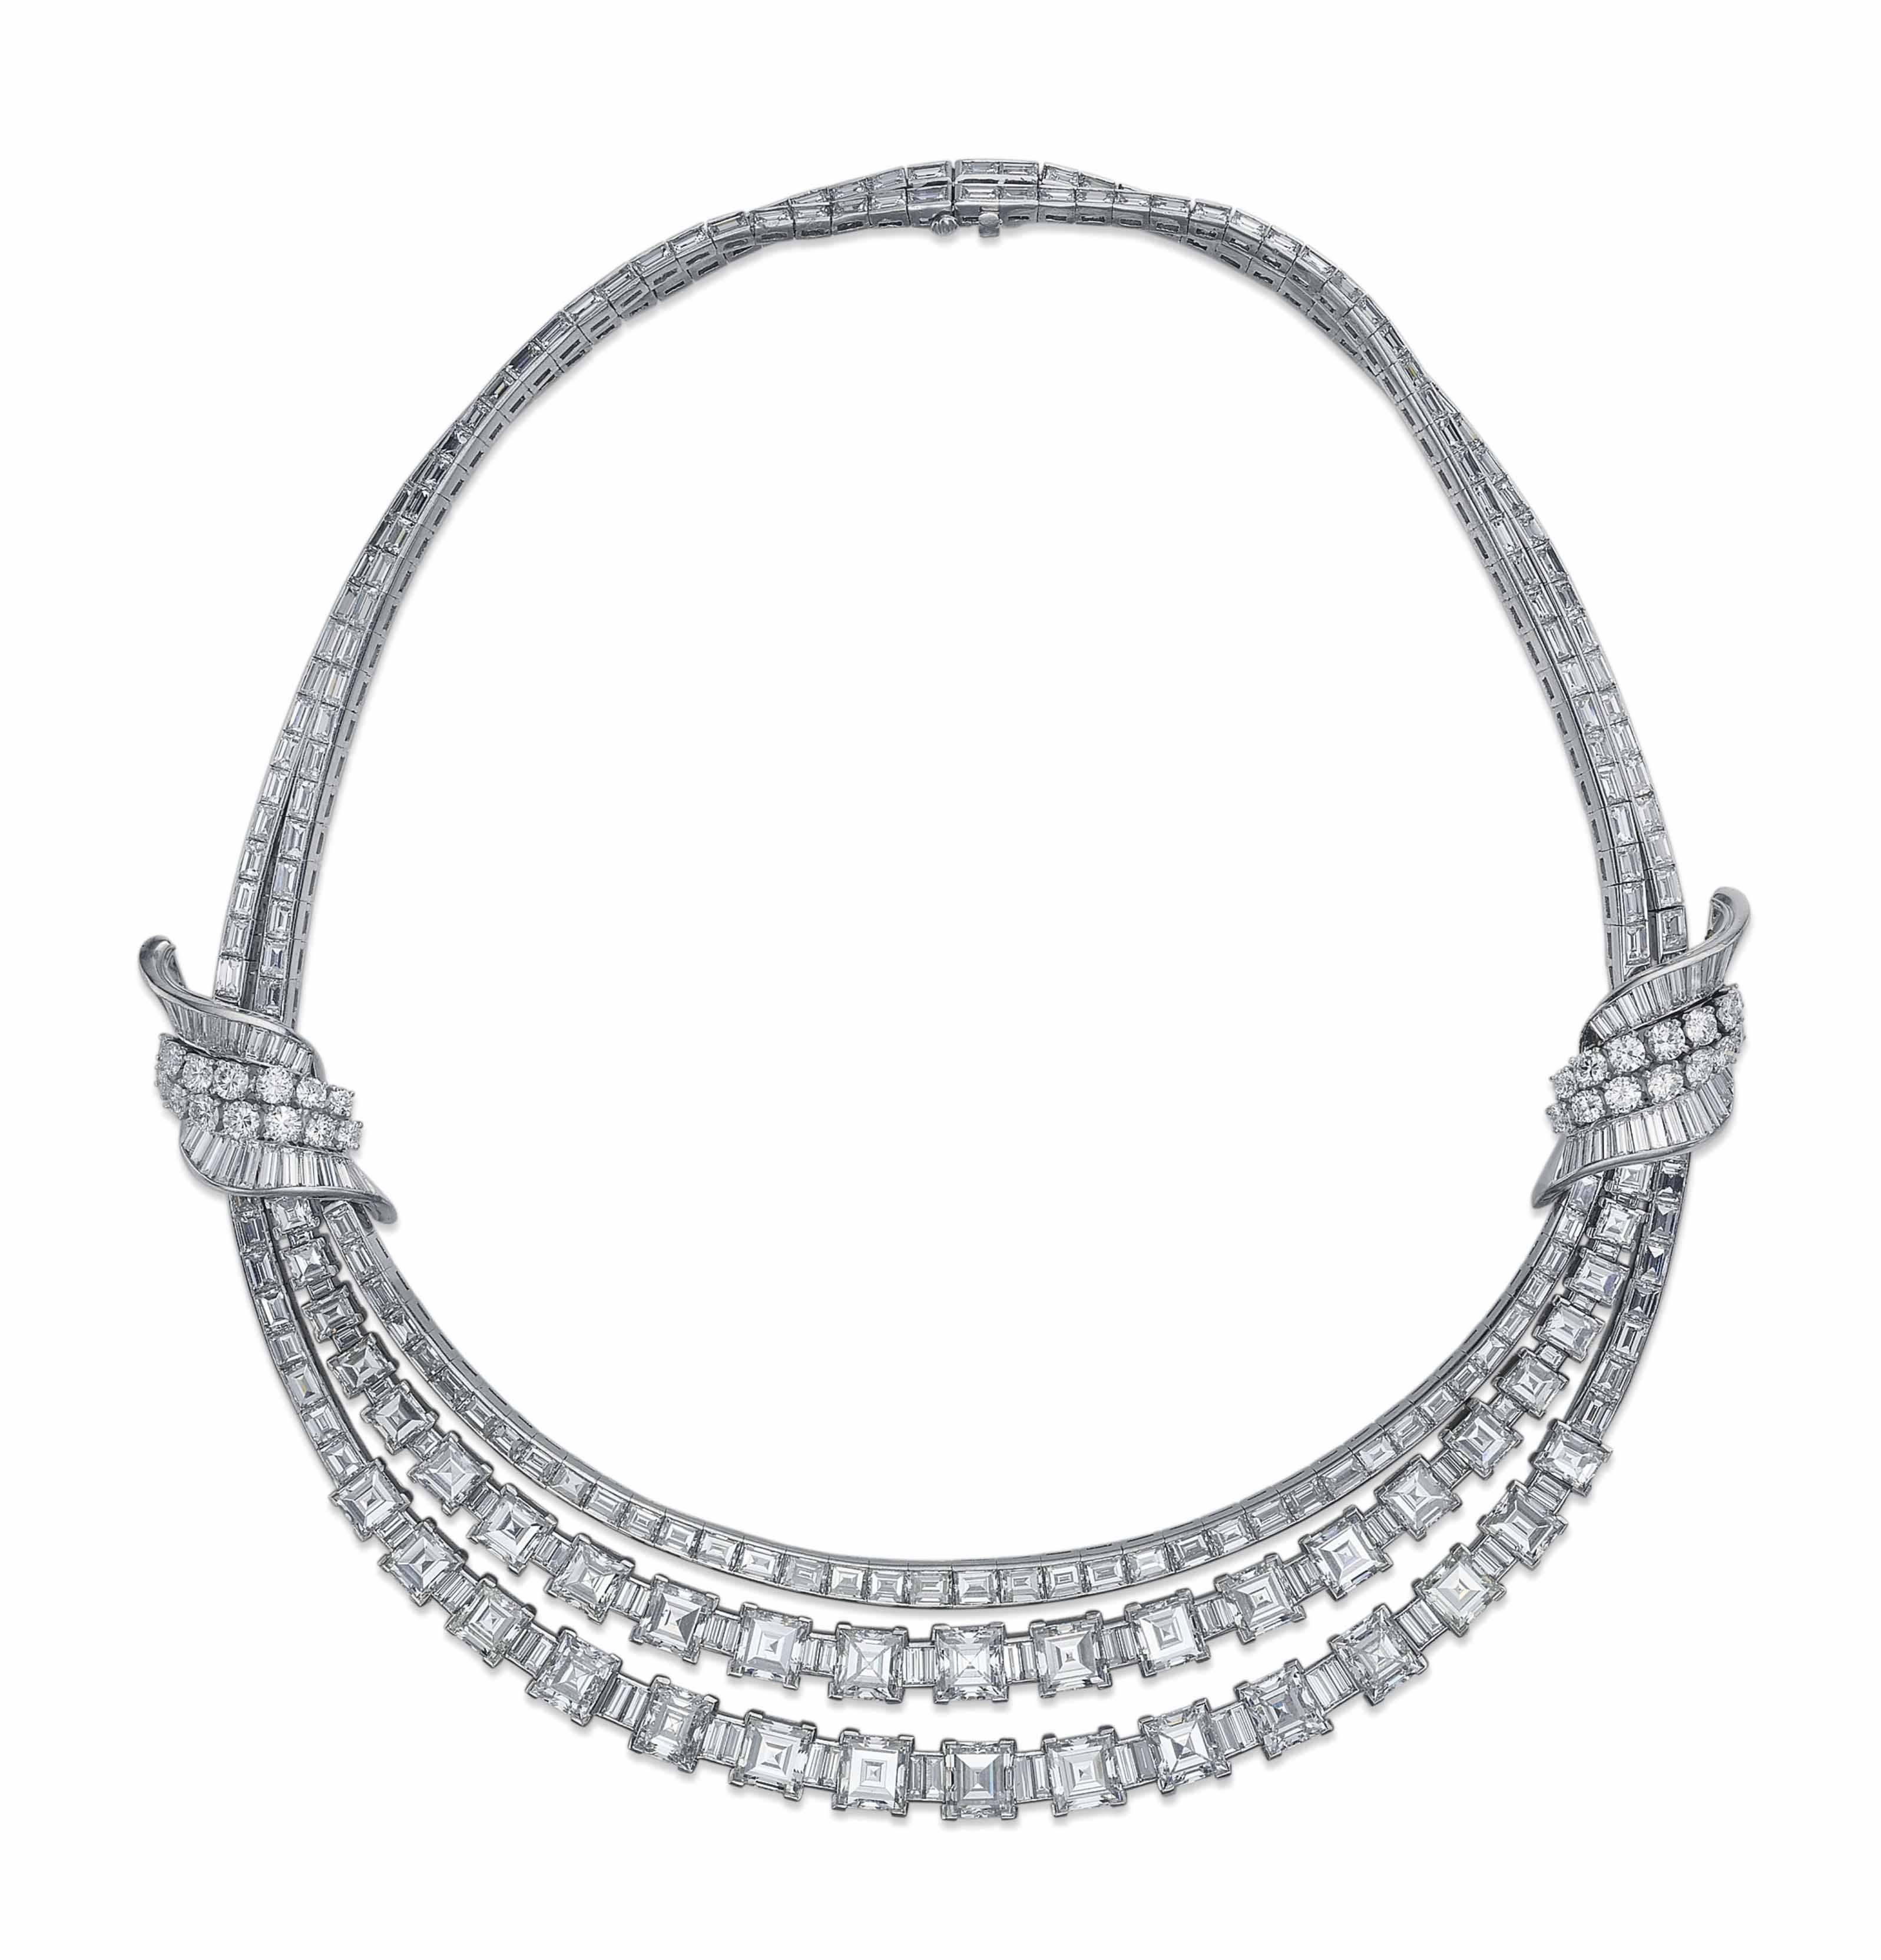 AN IMPRESSIVE DIAMOND NECKLACE